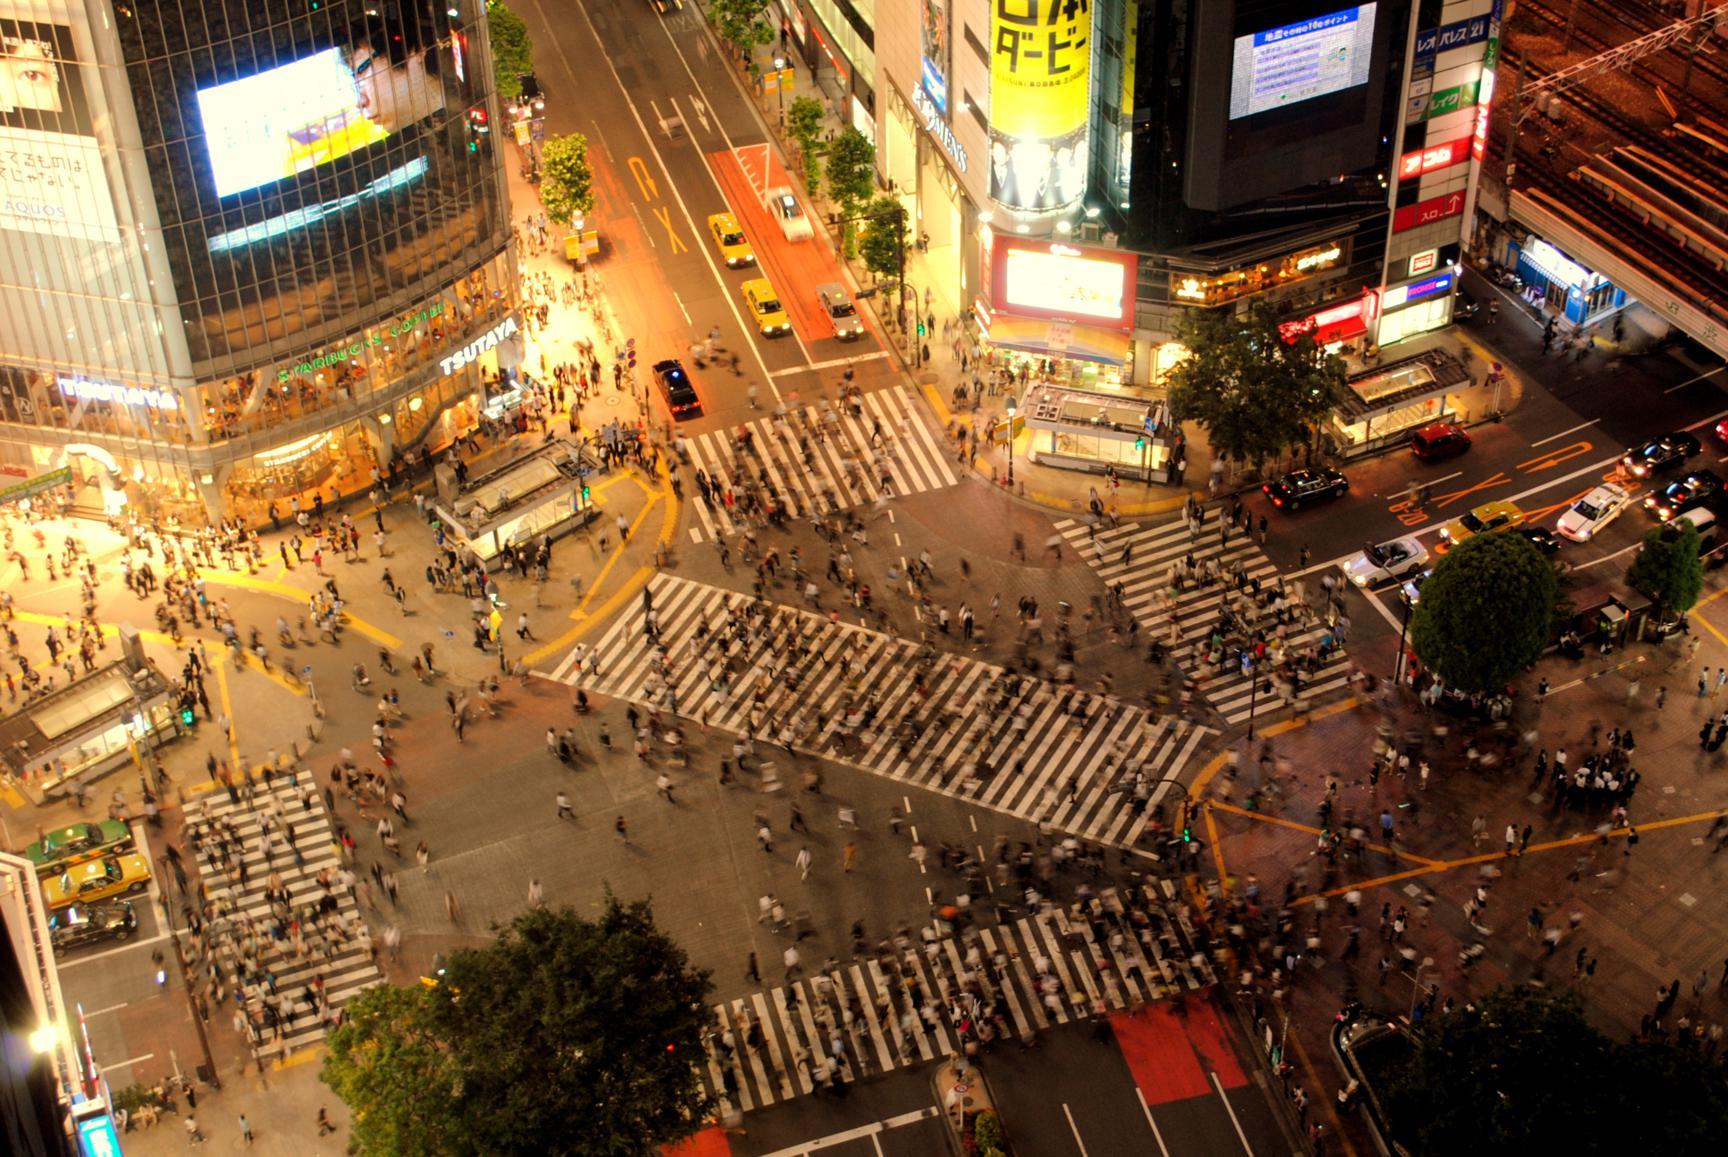 Cruce de Shibuya, Tokyo. Japón 2014.